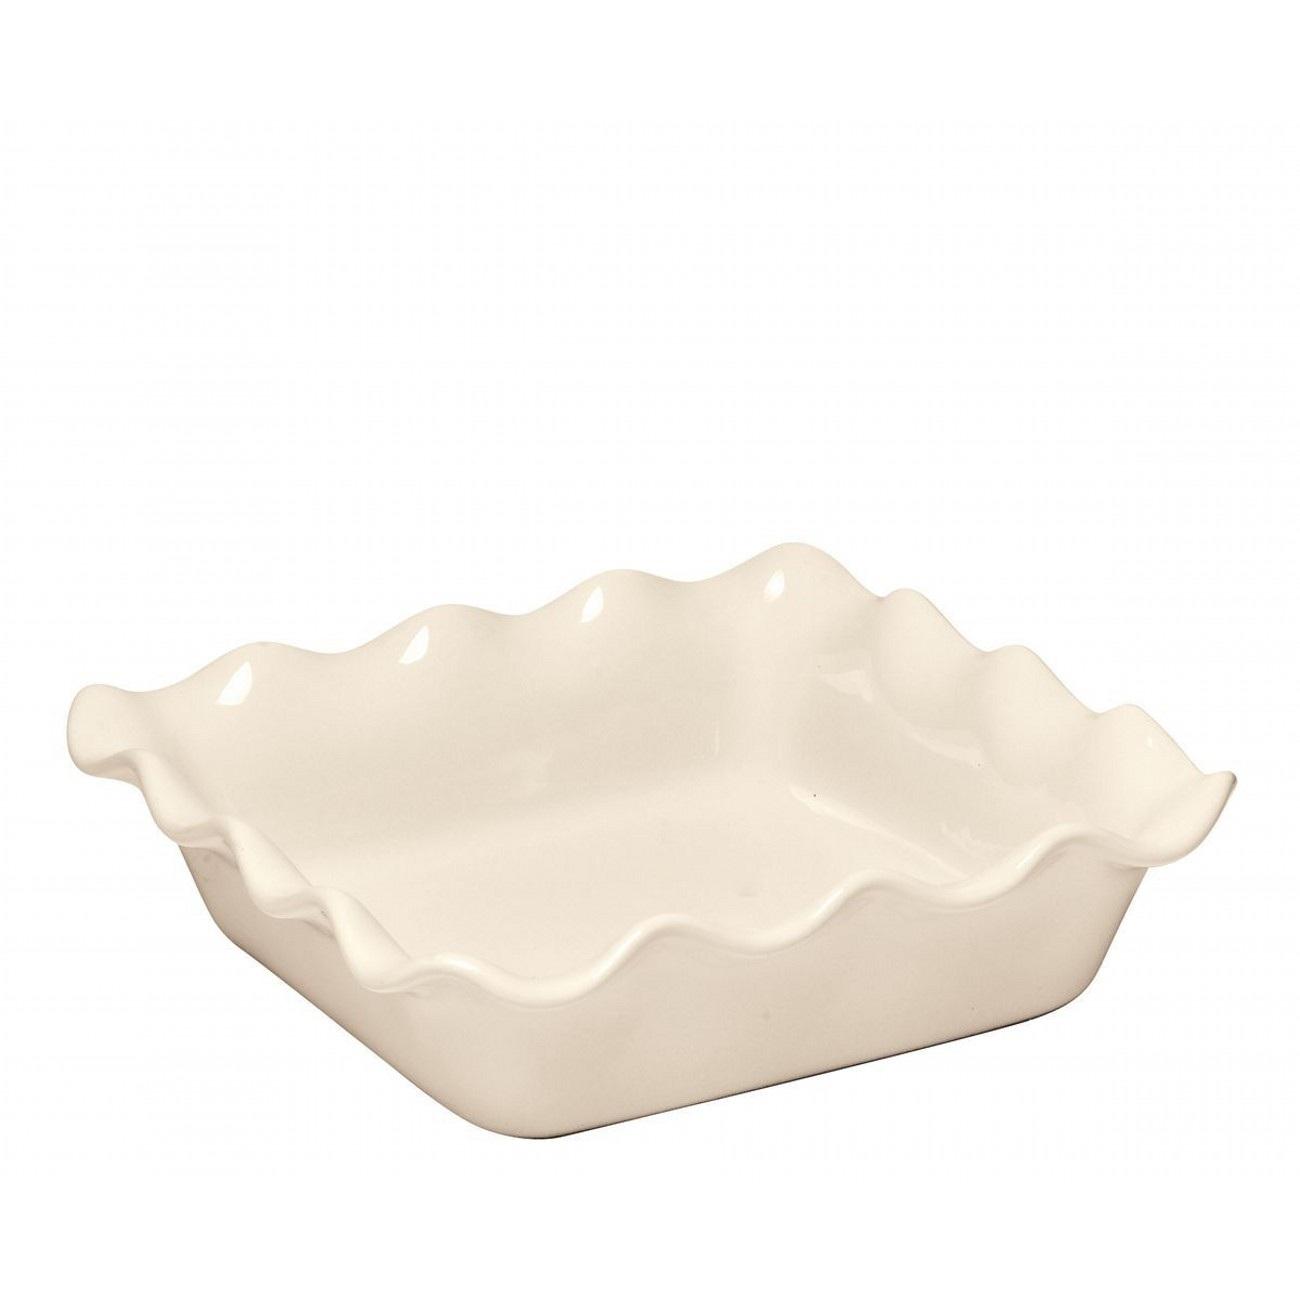 Форма для запекания квадратнаяEmile Henry производит красивую и качественную посуду, создает каждый предмет продуманно и с особой любовью. Данная форма для запекания стильная, эргономичная, прекрасно выполняет свою функцию и поднимает настроение своим дизайном.<br>